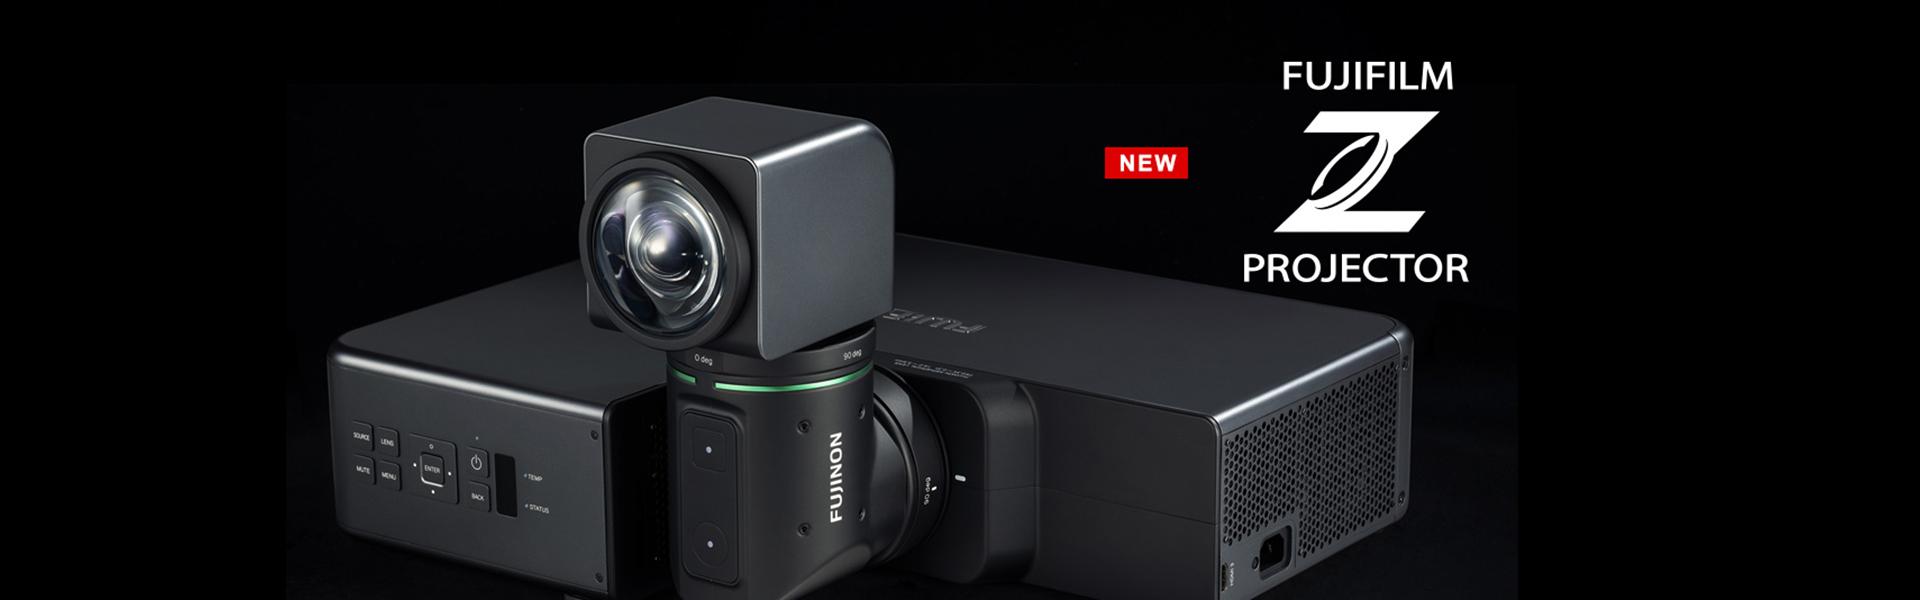 [foto] Projetor Fujifilm Z FP-Z5000 em fundo preto